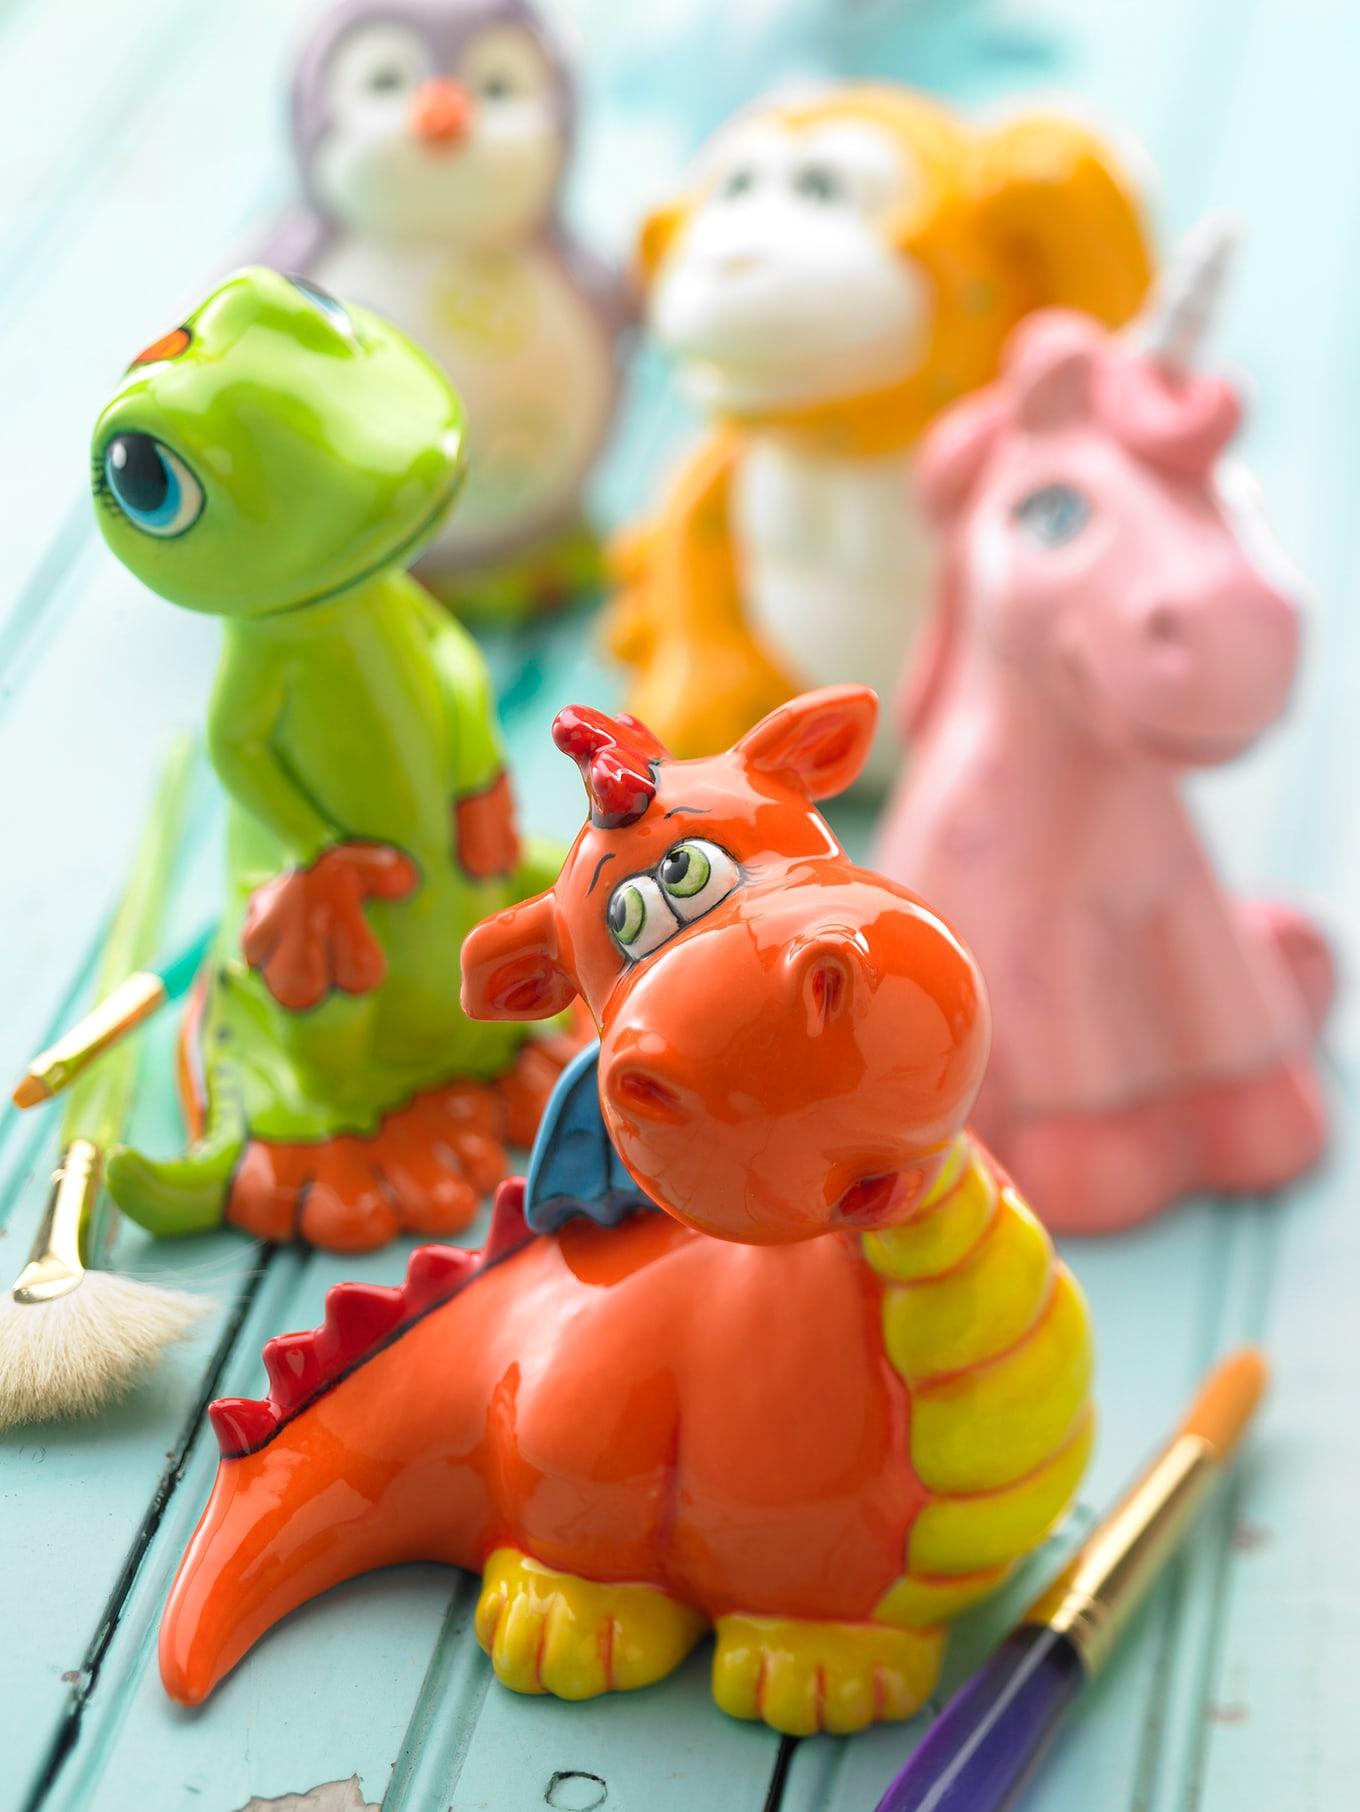 Gare Ceramic Figurines